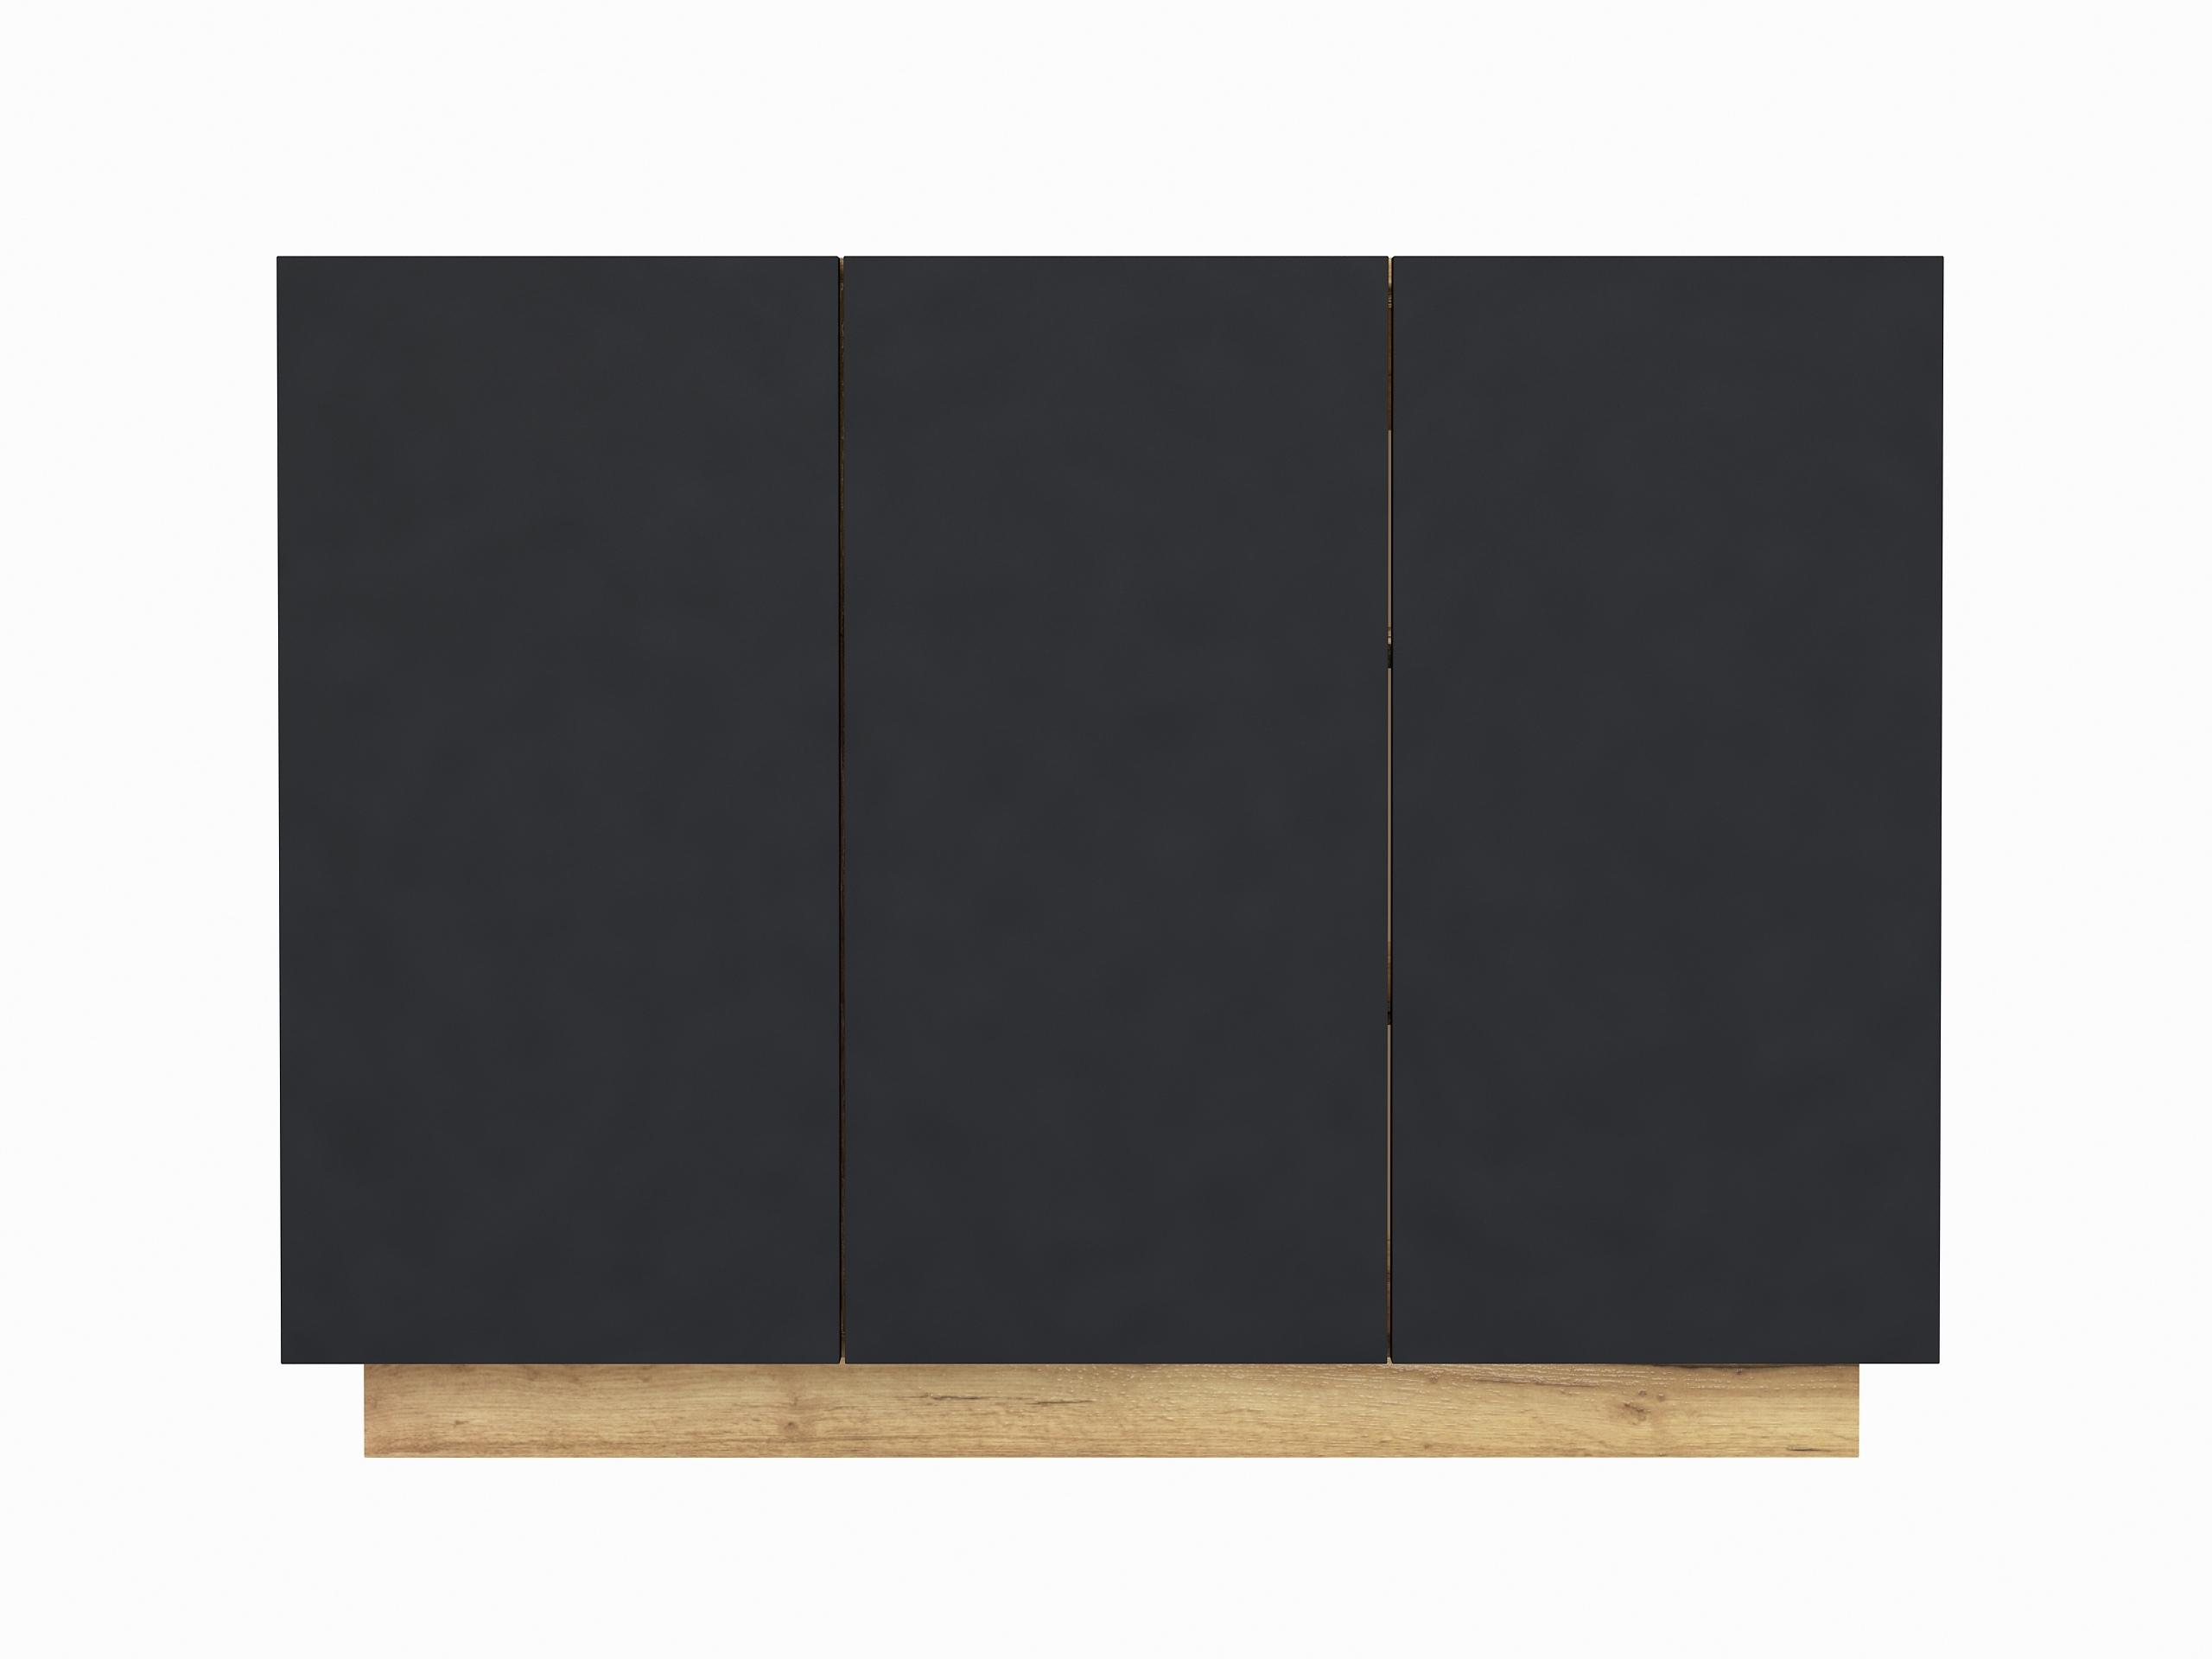 dąb złoty, dąb craft, wisząca komoda, stojąca komoda, czarny mat, matowa komoda galicja 3d